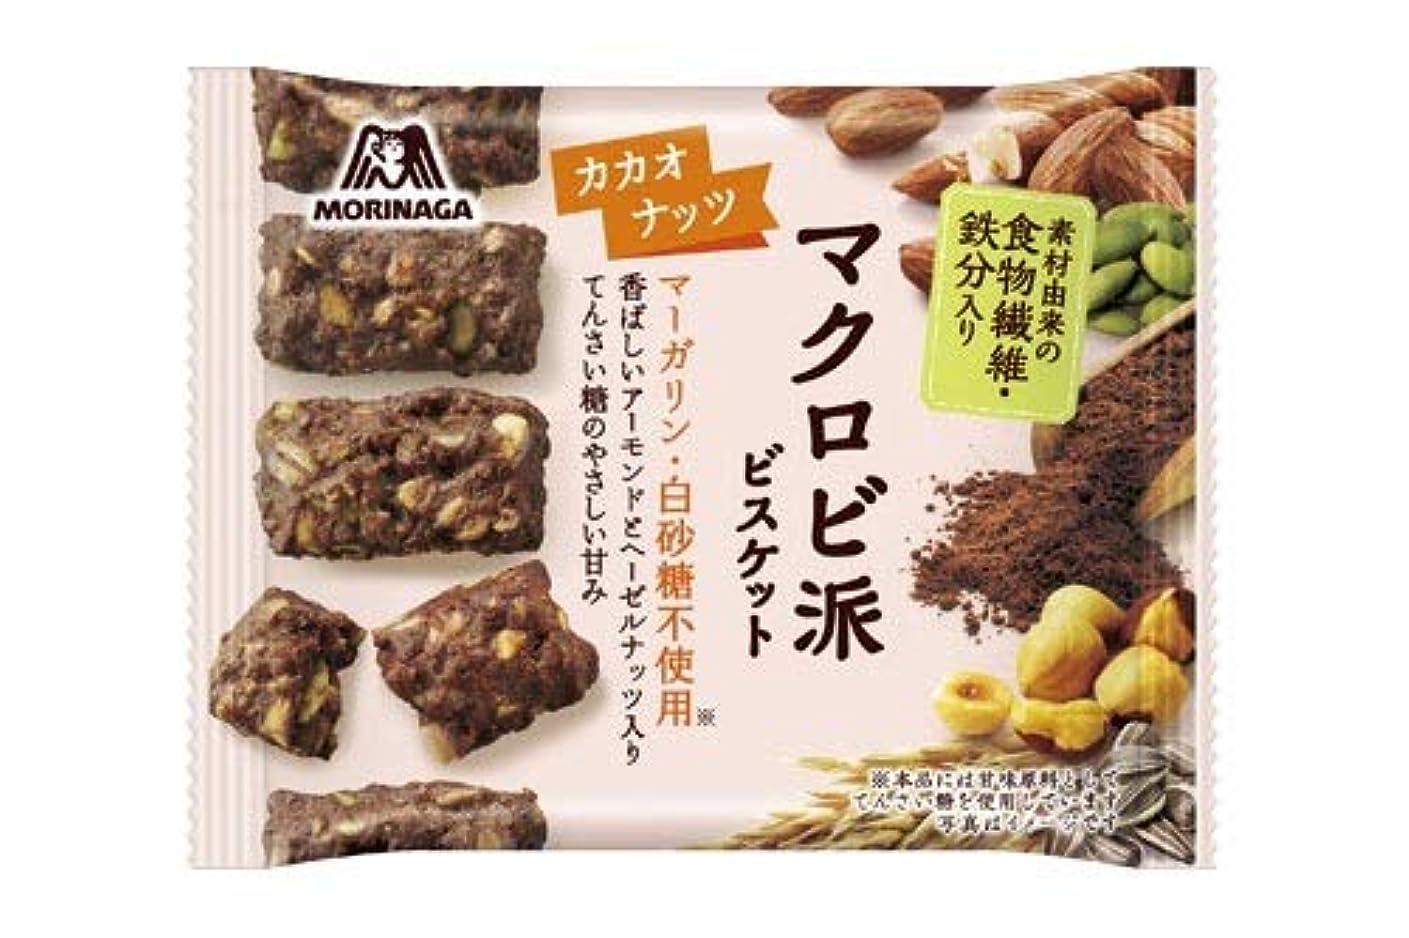 対話神学校小間森永 マクロビ派ビスケット カカオナッツ 37g【3個セット】